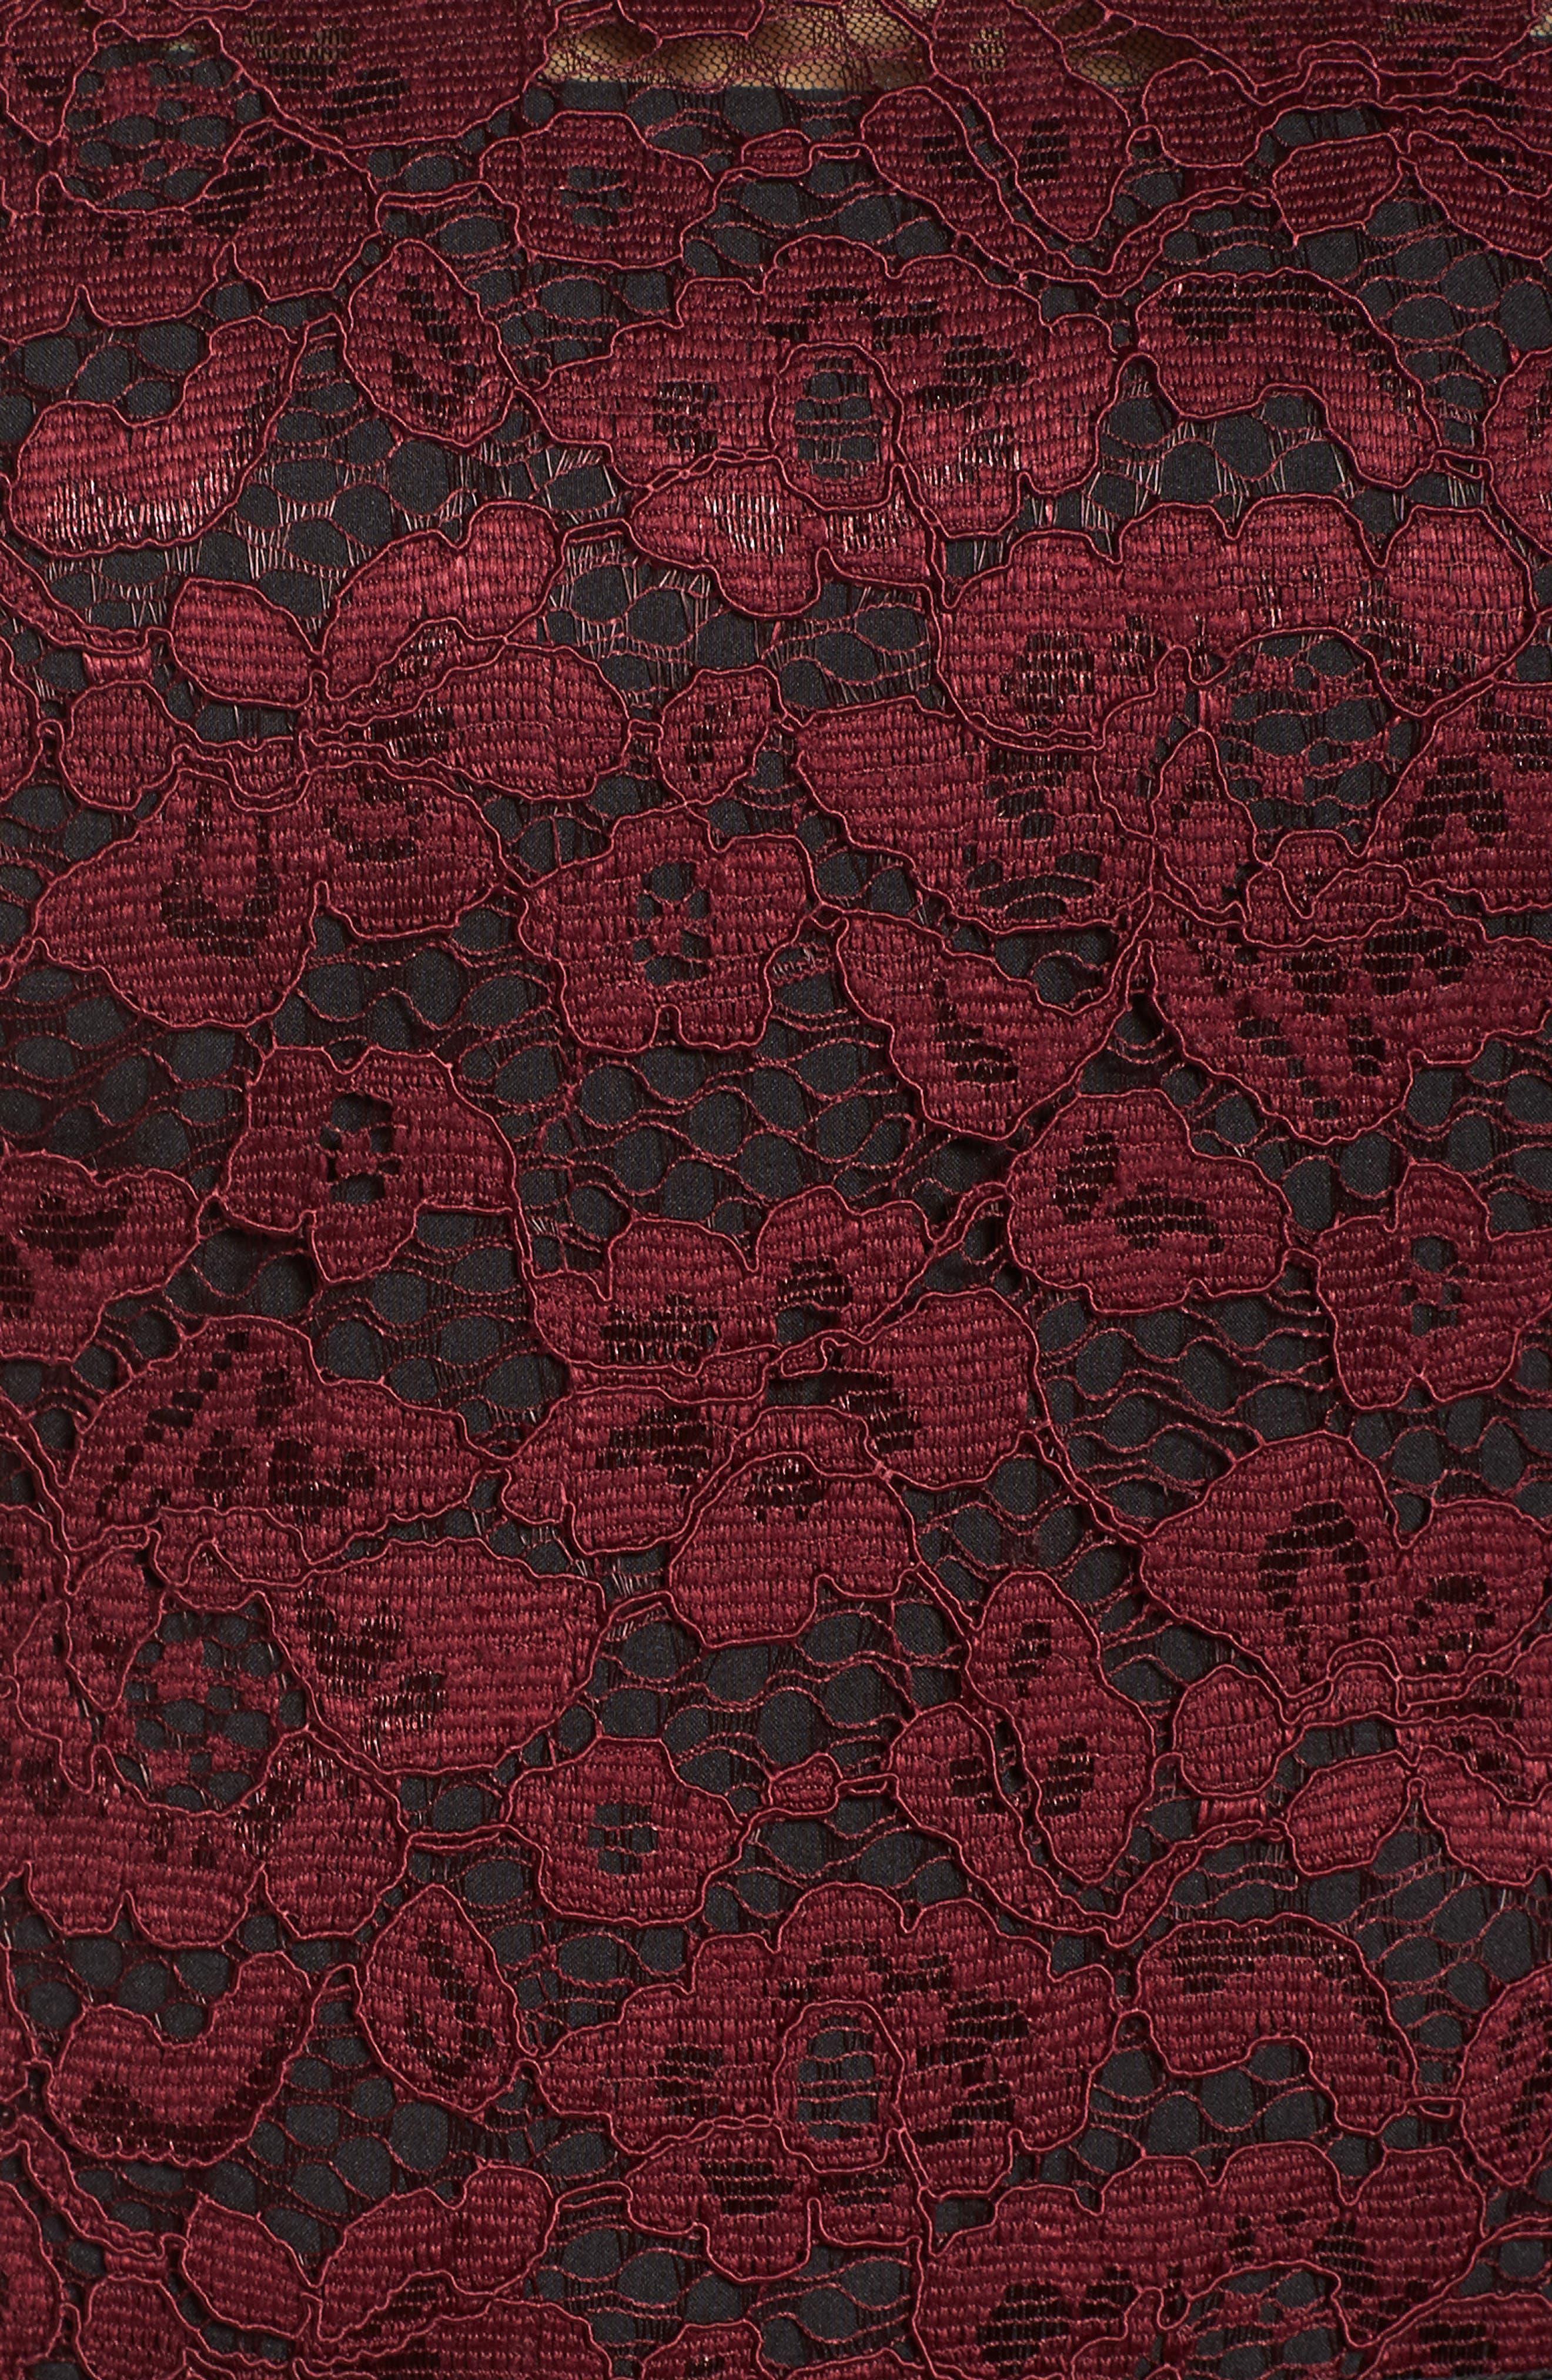 Lace Midi Dress,                             Alternate thumbnail 6, color,                             Plum Wine